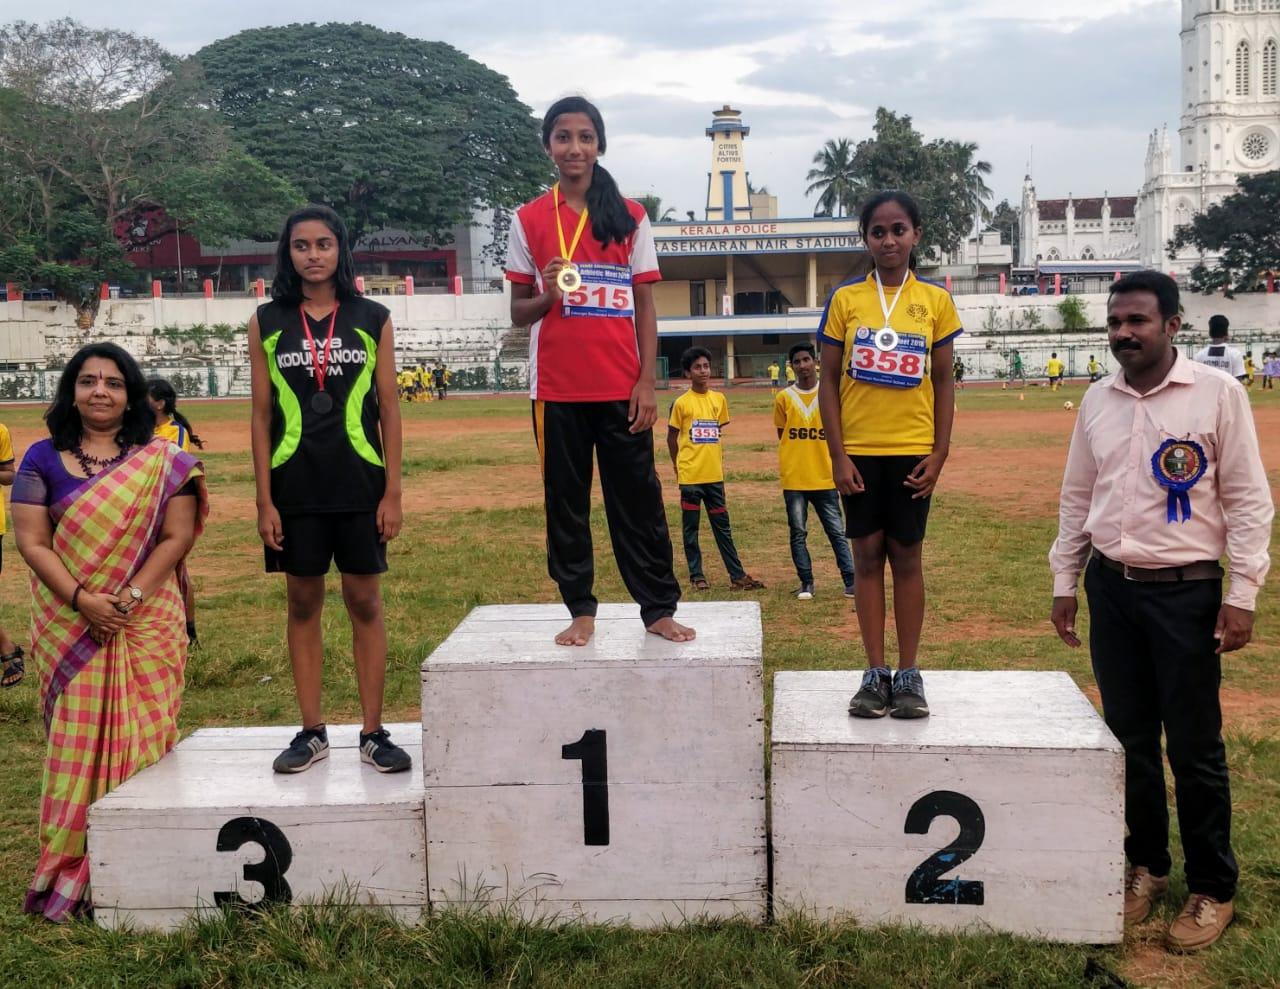 Venad Sahodaya Athletic Meet